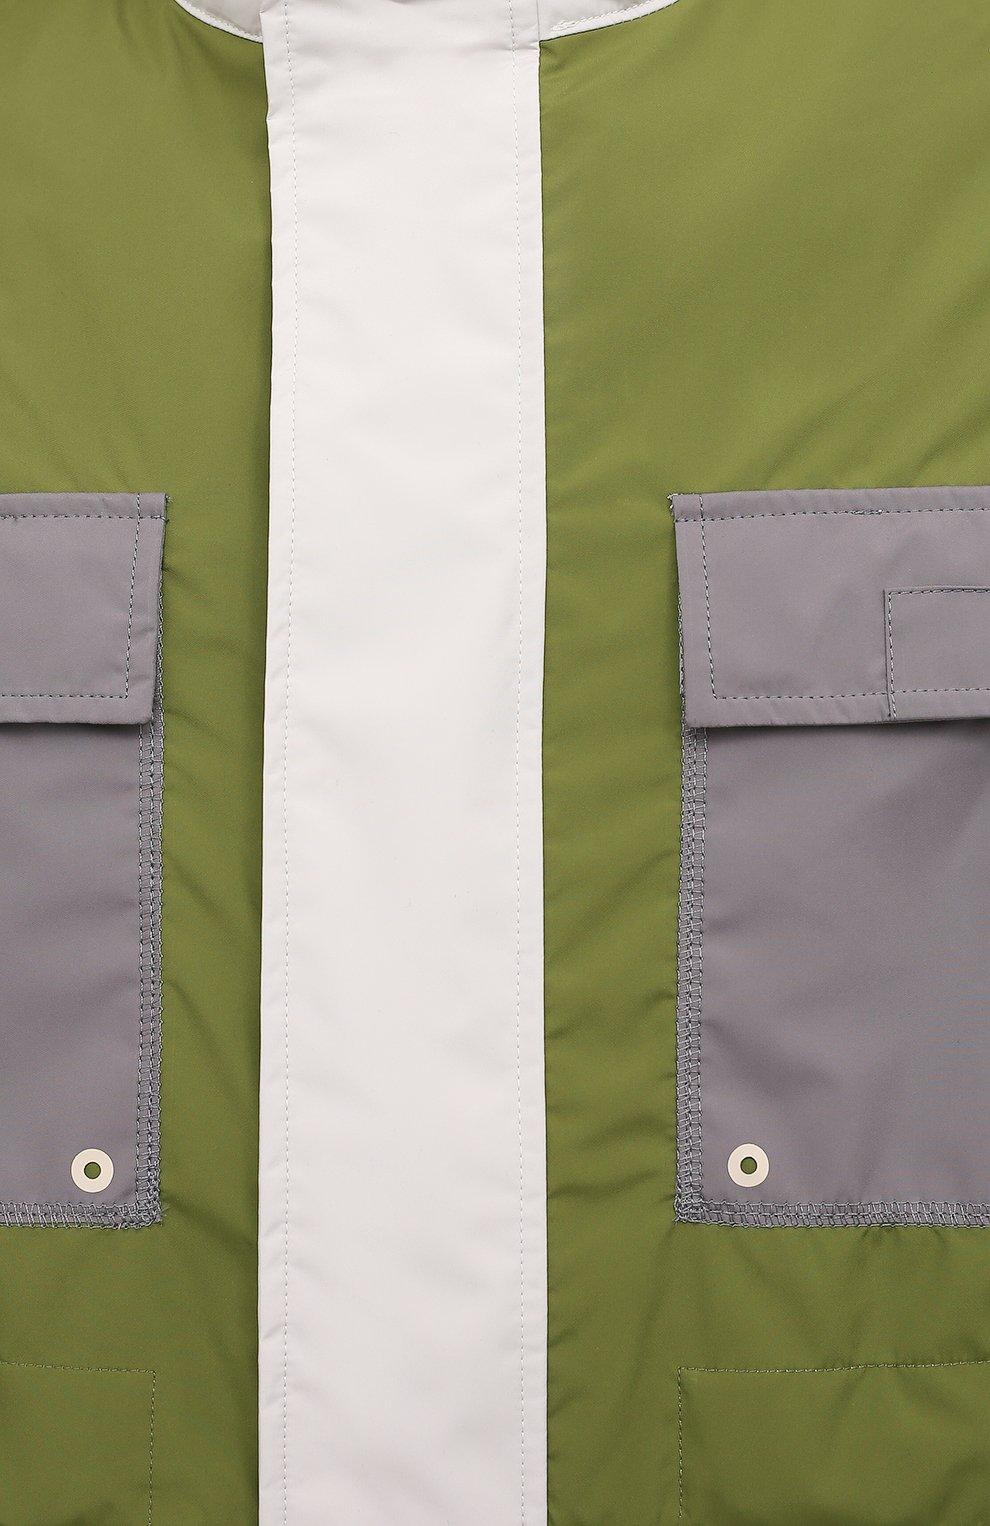 Мужская куртка A-COLD-WALL* разноцветного цвета, арт. ACWM0043   Фото 5 (Кросс-КТ: Куртка, Ветровка; Рукава: Длинные; Длина (верхняя одежда): До середины бедра; Материал внешний: Синтетический материал; Стили: Минимализм)